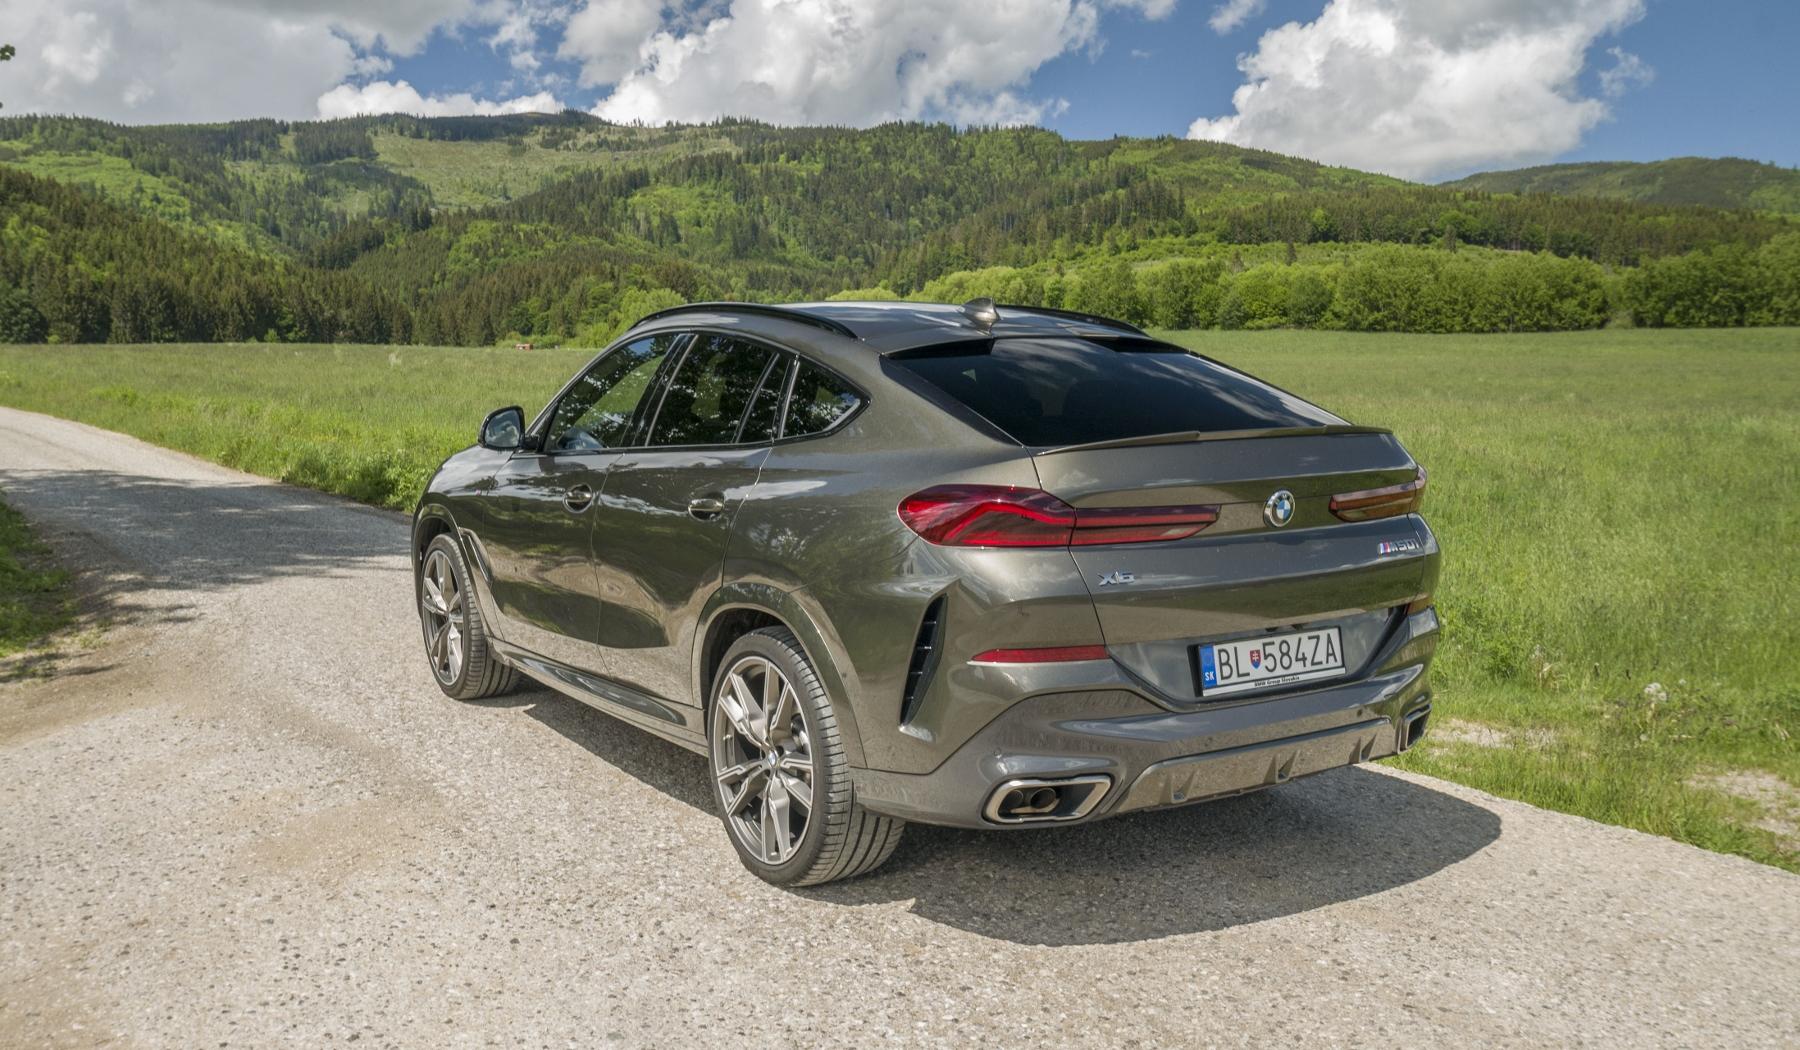 Test: BMW X6 M50i napína benzínové svaly, ale neukazuje plnú silu mxKvWSQLyd bmw-x6-m50i-13